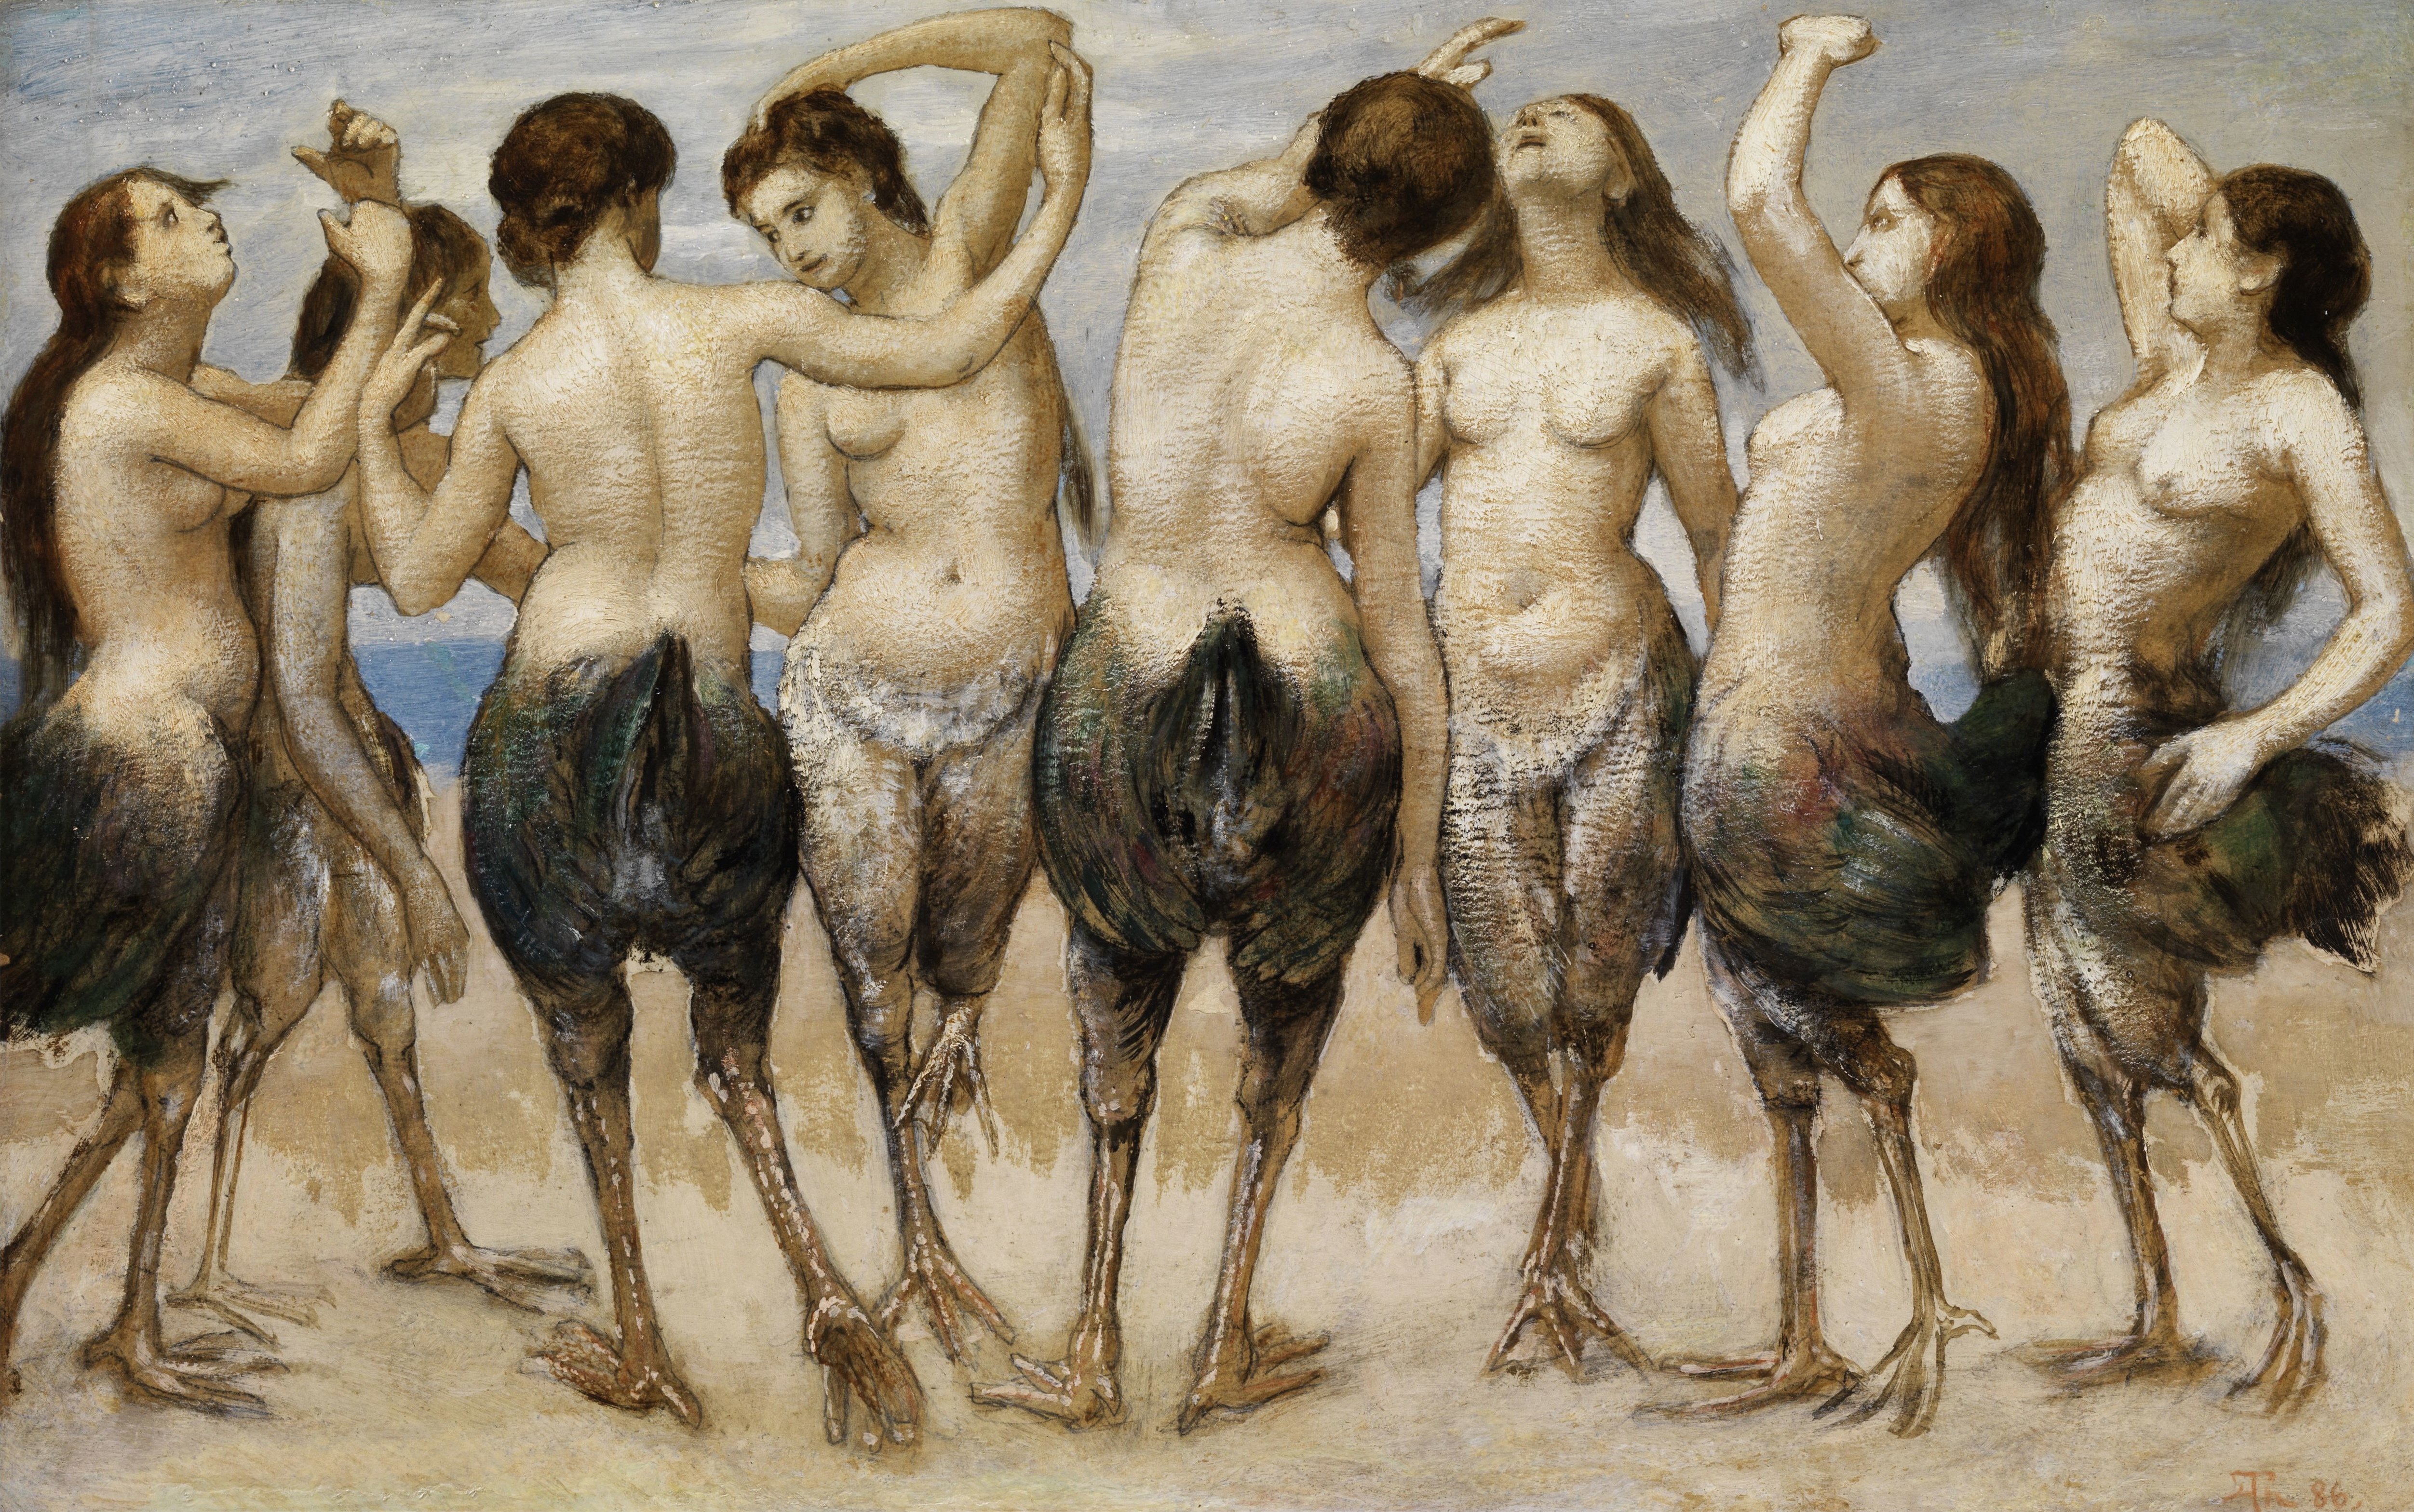 Huit femmes avec le haut du corps nu et le bas du corps d'un oiseau dansent sur le sable